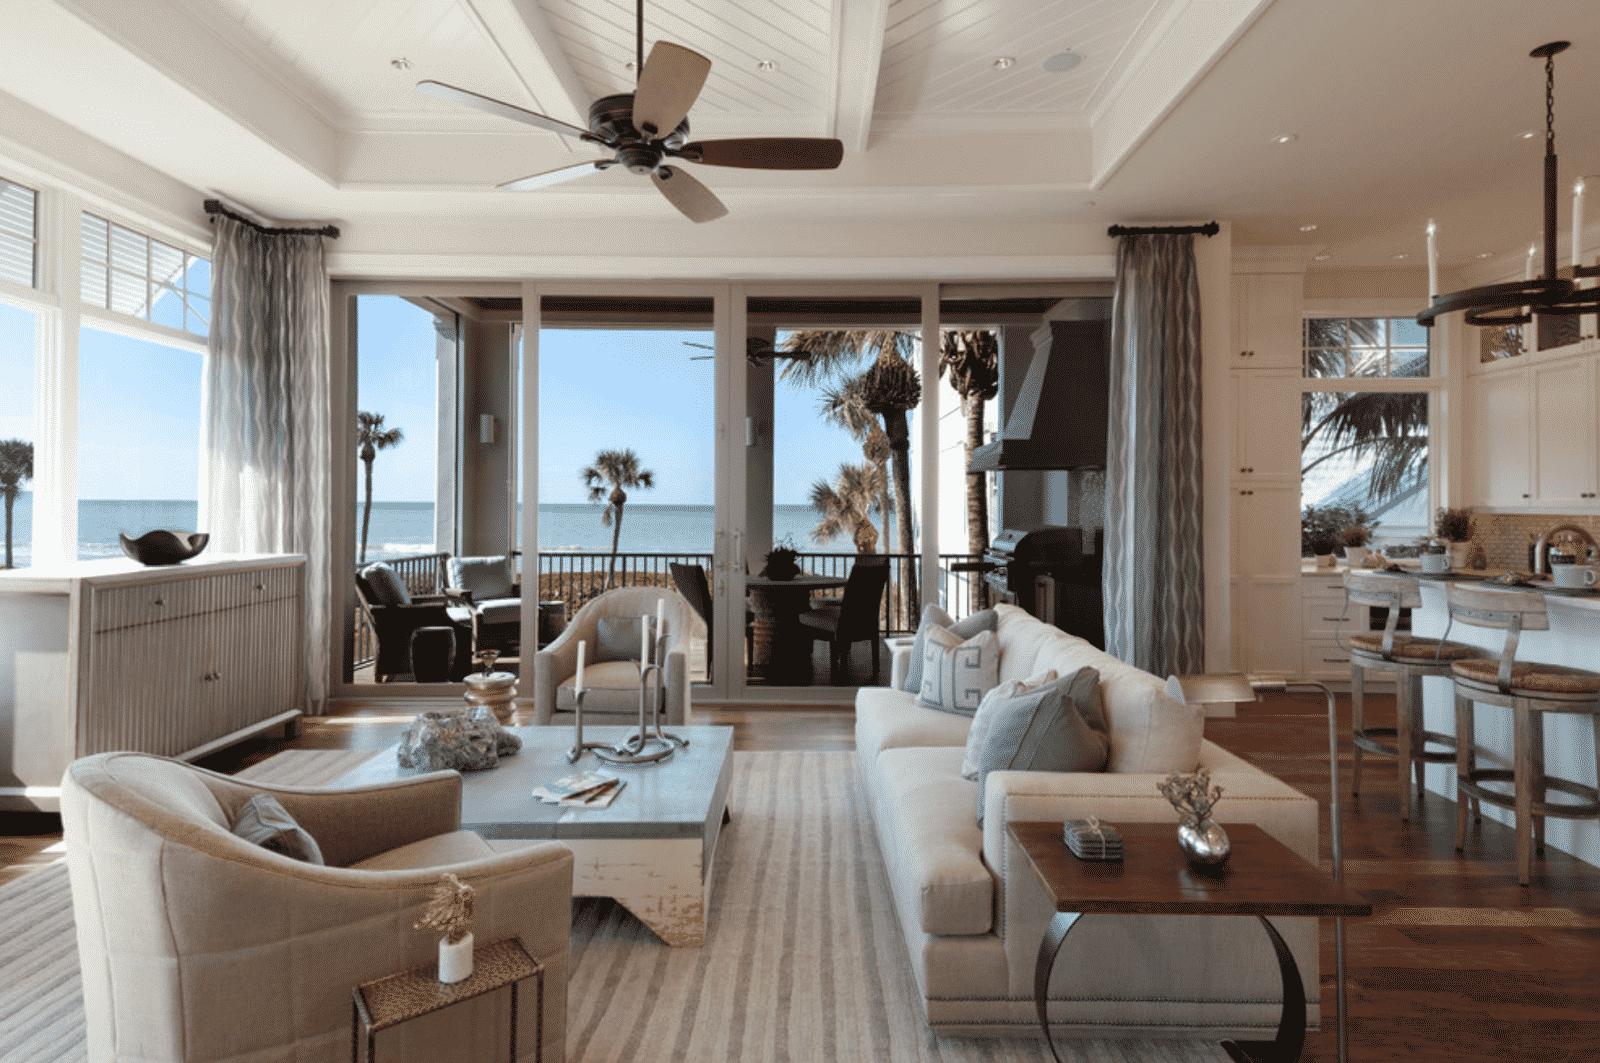 casa de praia arquiteta 24 - Projetos de Casas de Praia: inspire-se